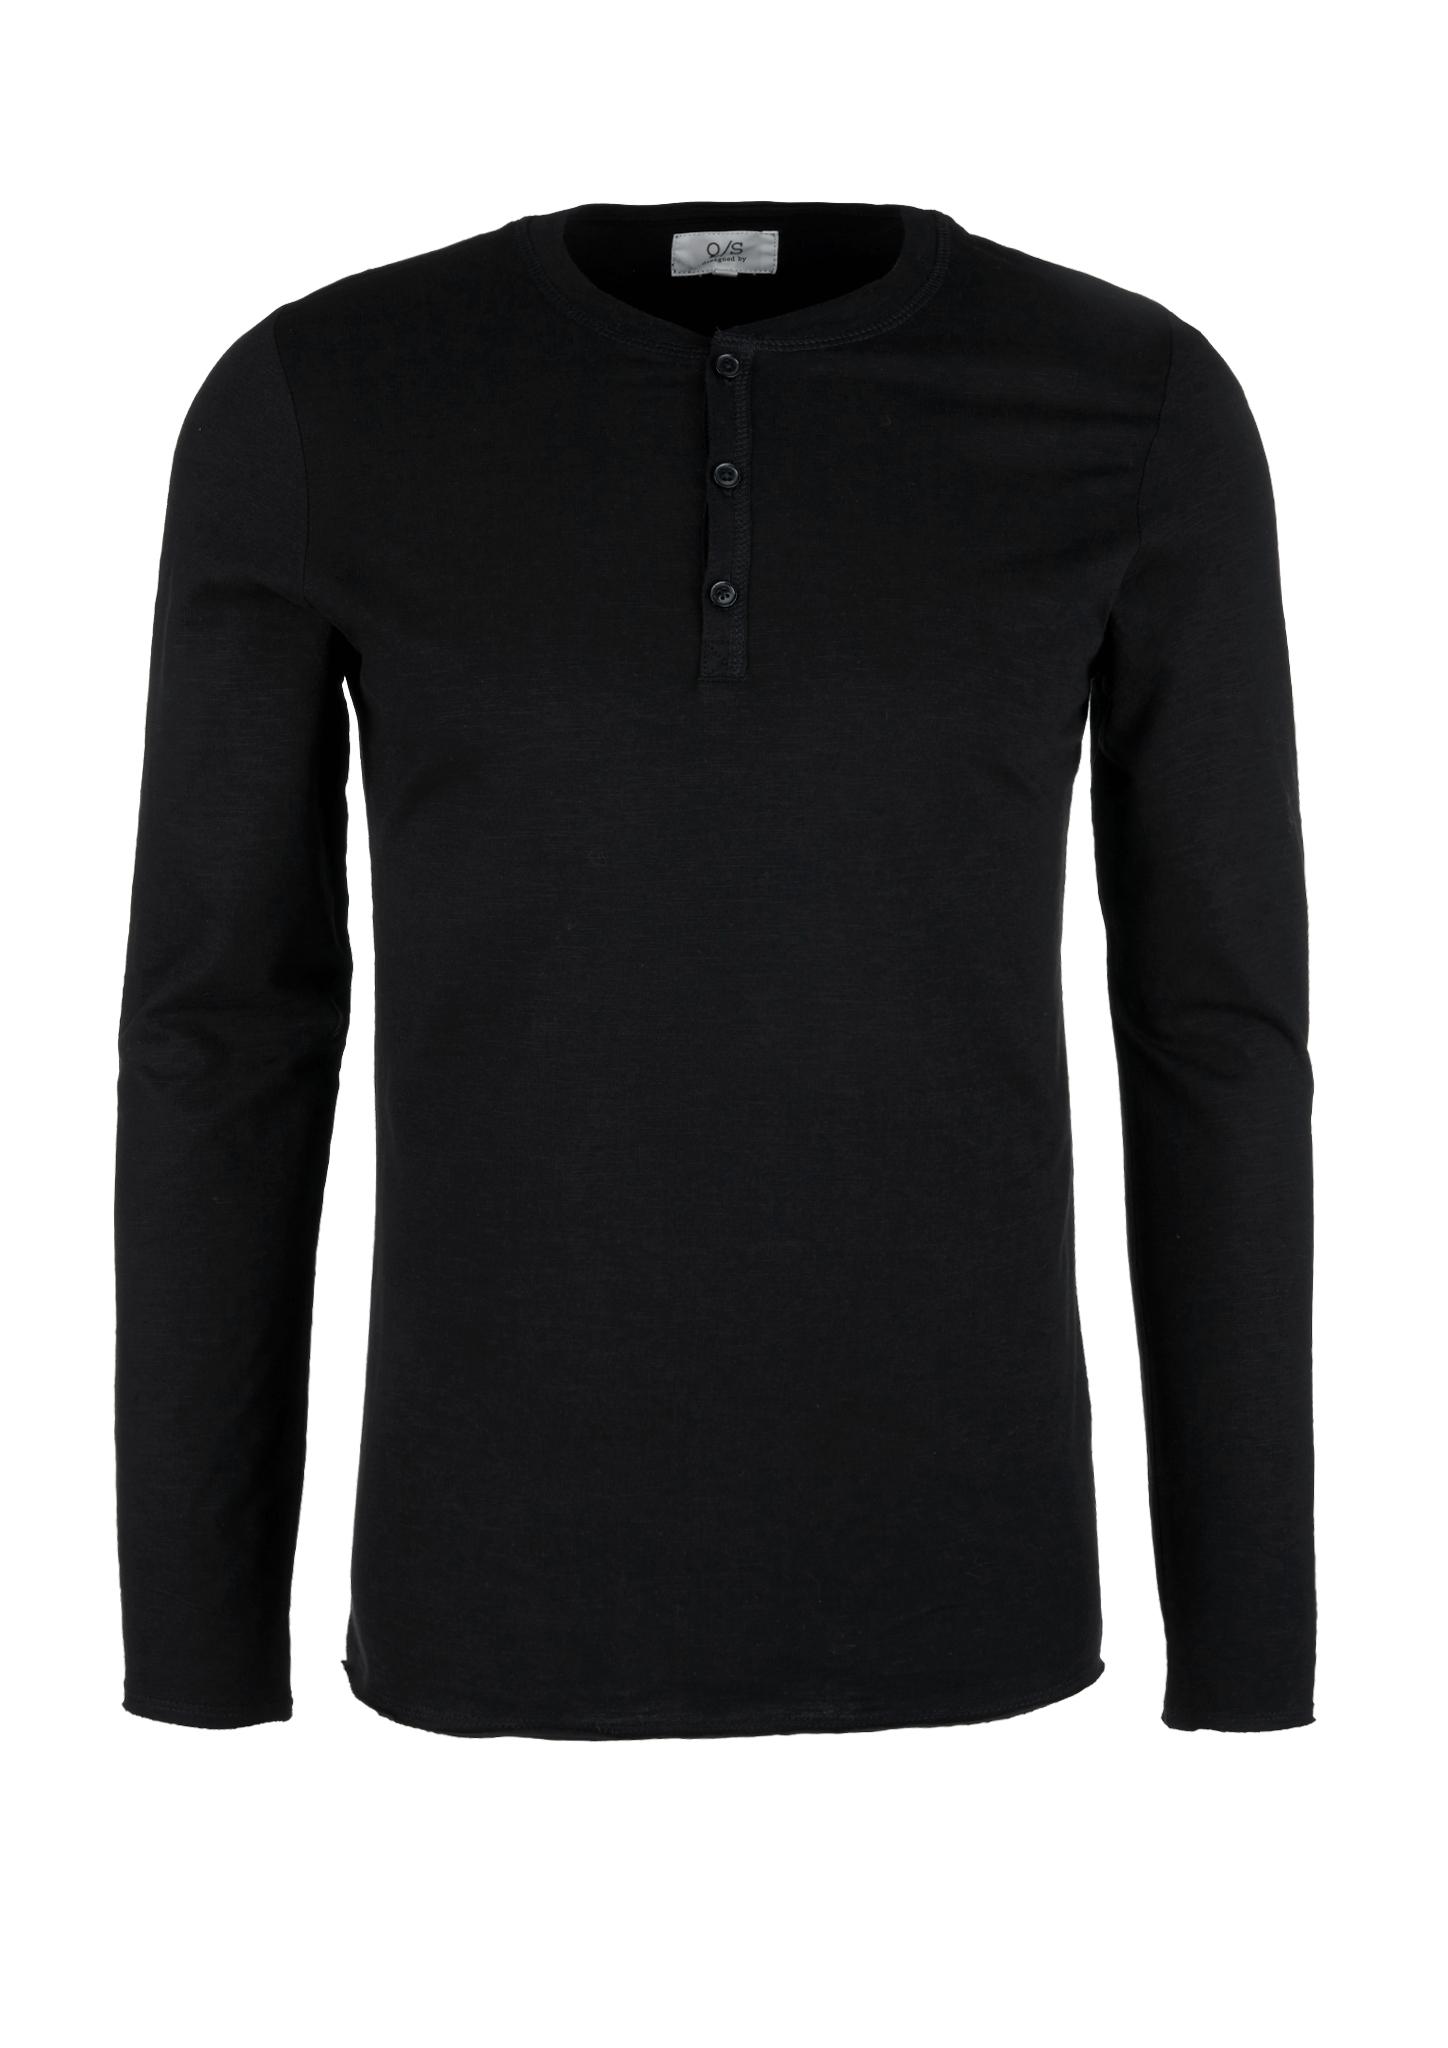 Q-S-designed-by-Denim-Men-vertikal-Henleyshirt-aus-Flammgarn-Neu Indexbild 15